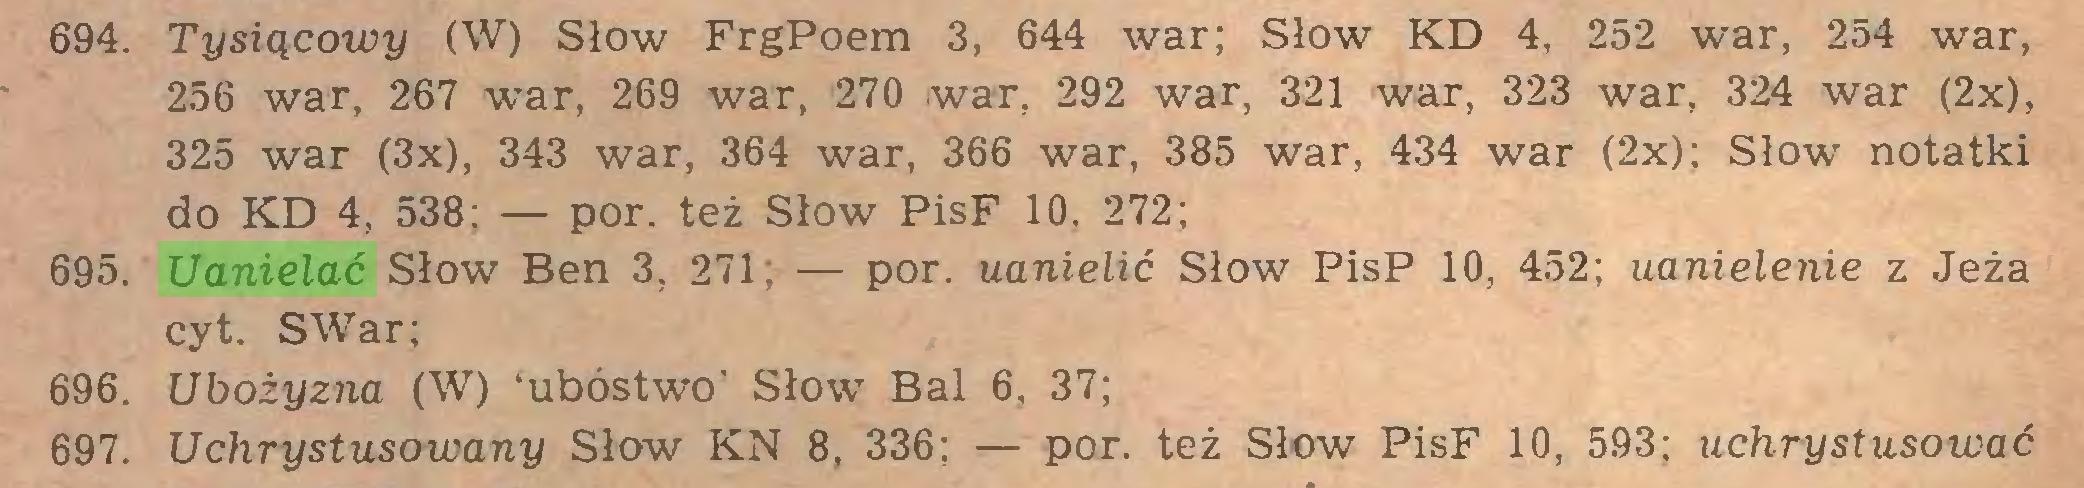 (...) 694. Tysiącowy (W) Słów FrgPoem 3, 644 war; Słów KD 4, 252 war, 254 war, 256 war, 267 war, 269 war, 270 war, 292 war, 321 war, 323 war, 324 war (2x), 325 war (3x), 343 war, 364 war, 366 war, 385 war, 434 war (2x); Słów notatki do KD 4, 538; — por. też Słów PisF 10, 272; 695. Uanielać Słów Ben 3, 271; — por. uanielić Słów PisP 10, 452; aanielenie z Jeża cyt. SWar; 696. Ubożyzna (W) 'ubóstwo' Słów Bal 6, 37; 697. Uchrystusowany Słów KN 8, 336; — por. też Słów PisF 10, 593; uchrystusować...